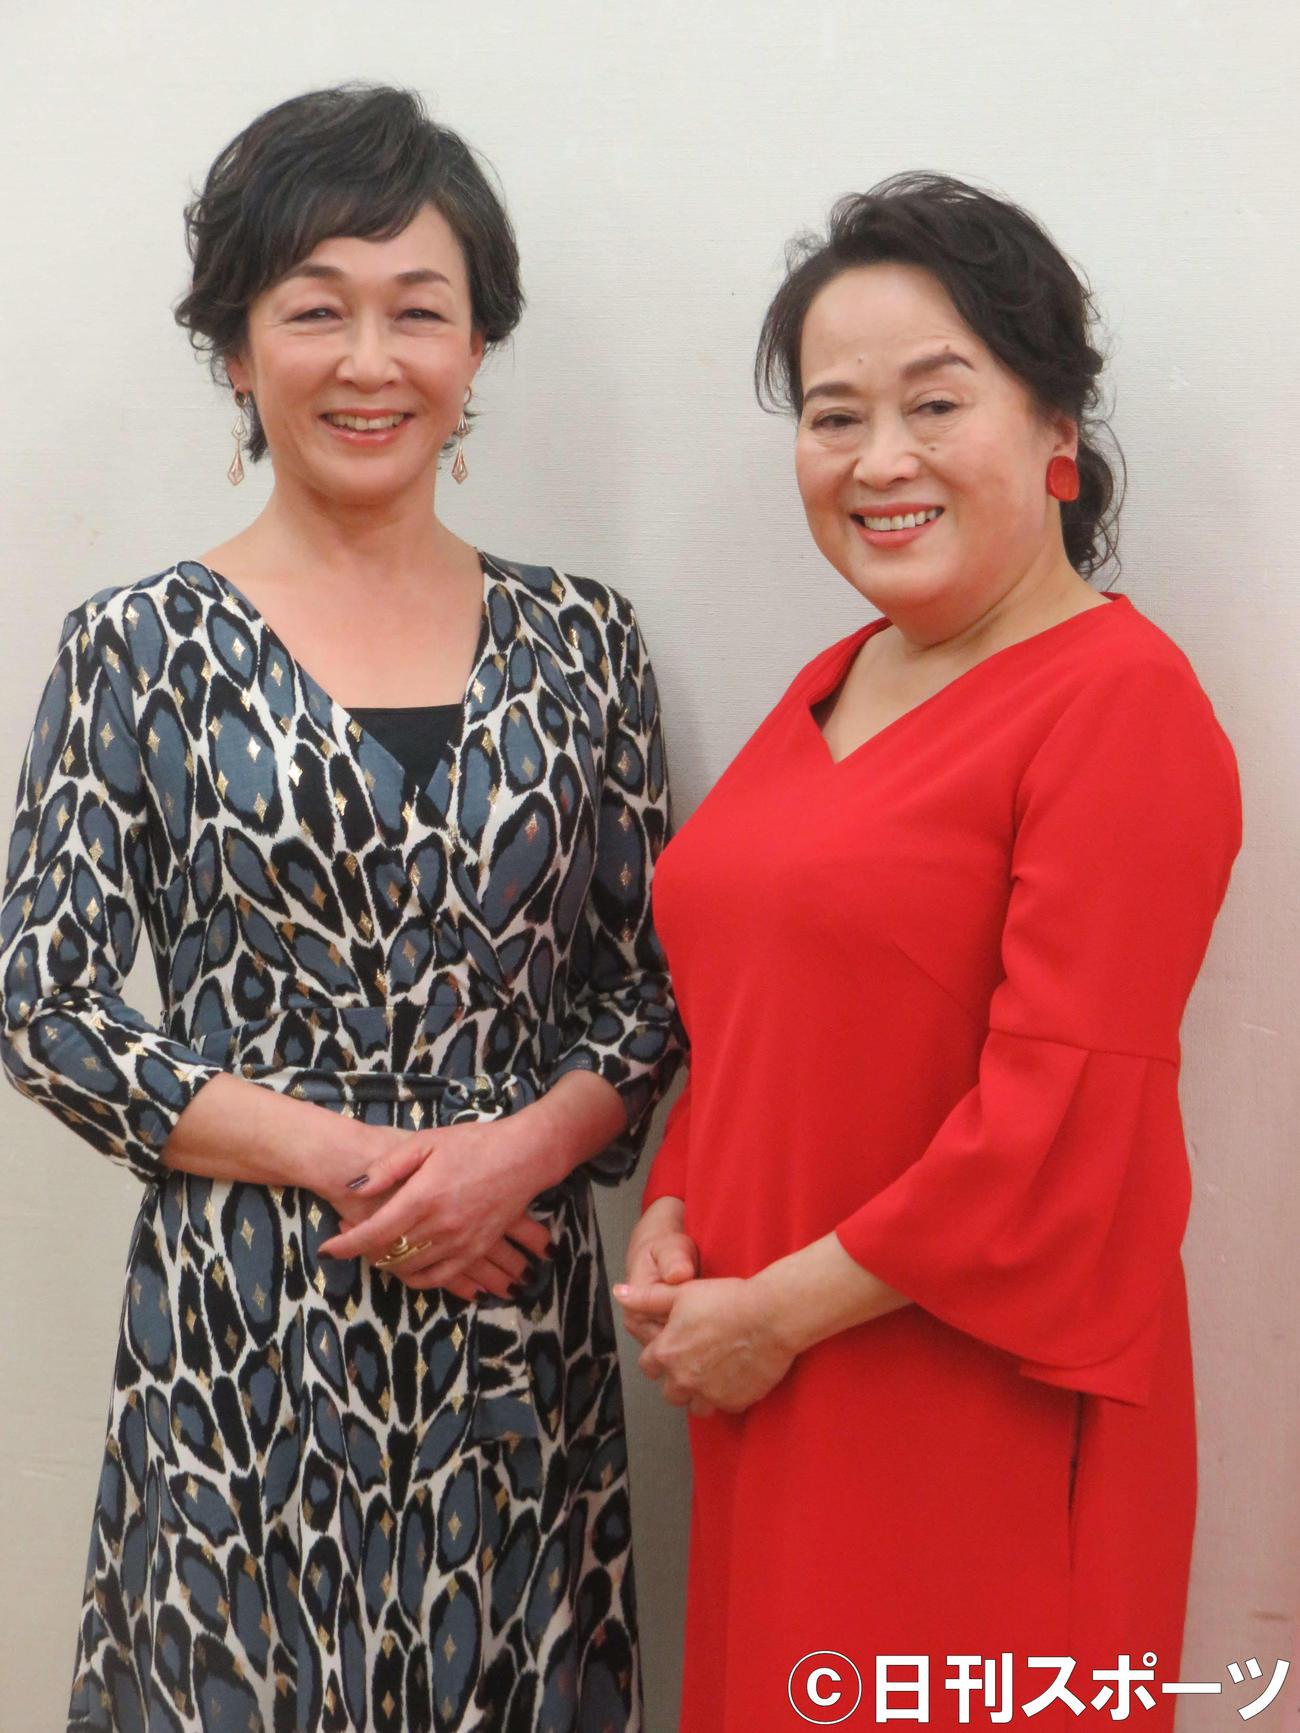 「有頂天作家」に主演する渡辺えり(右)とキムラ緑子